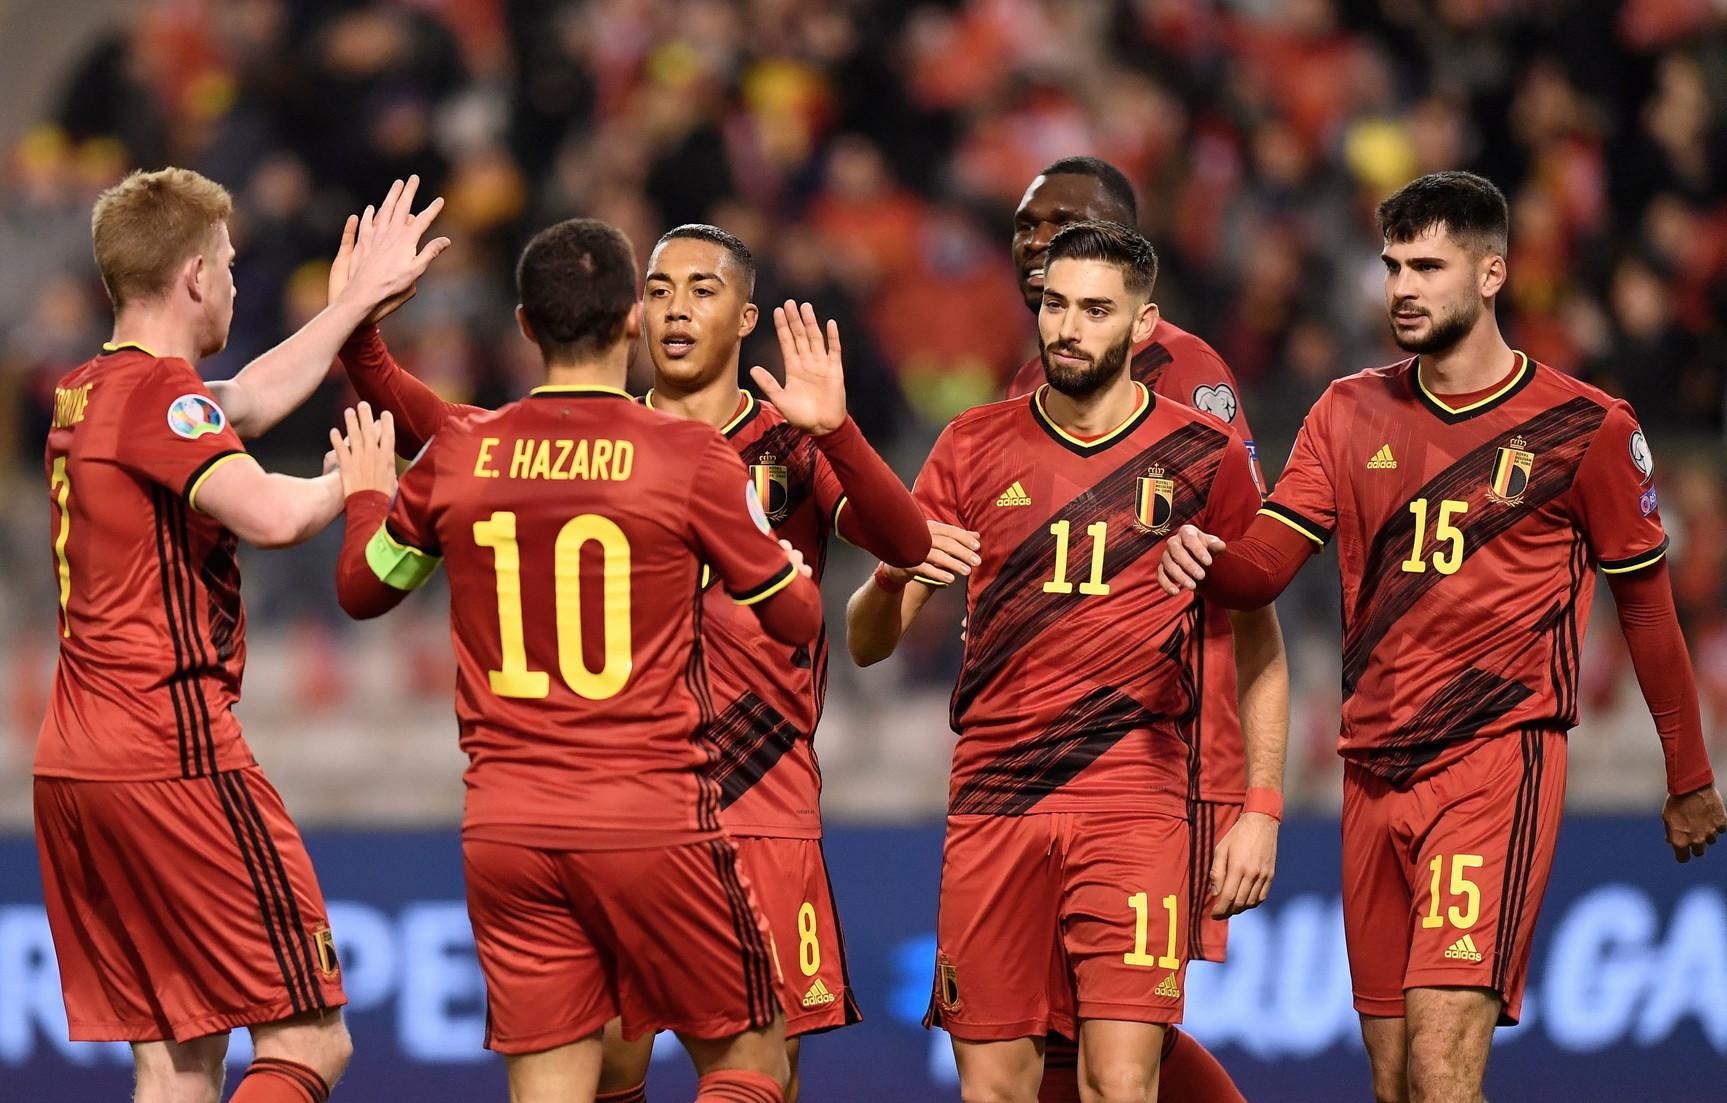 Il Belgio èla squadra dell'anno nel Ranking mondiale FIFAper la seconda volta consecutiva. L'Italia di Roberto Mancini chiude invece il suo 2019 al n.13 della classifica. Alle spalle dei Diavoli Rossi si confermano i campioni del Mondo della Francia davanti al Brasile, stesse identiche posizioni del dicembre 2018. Sale di un posto l'Inghilterra, che sale al quarto posto davanti all'Uruguay. Seguono la Croazia e il Portogallo di Cristiano Ronaldo. A chiudere la top ten la Spagna, seguita da Argentina e Colombia. Davanti agli Azzurri anche Messico e Svizzera.